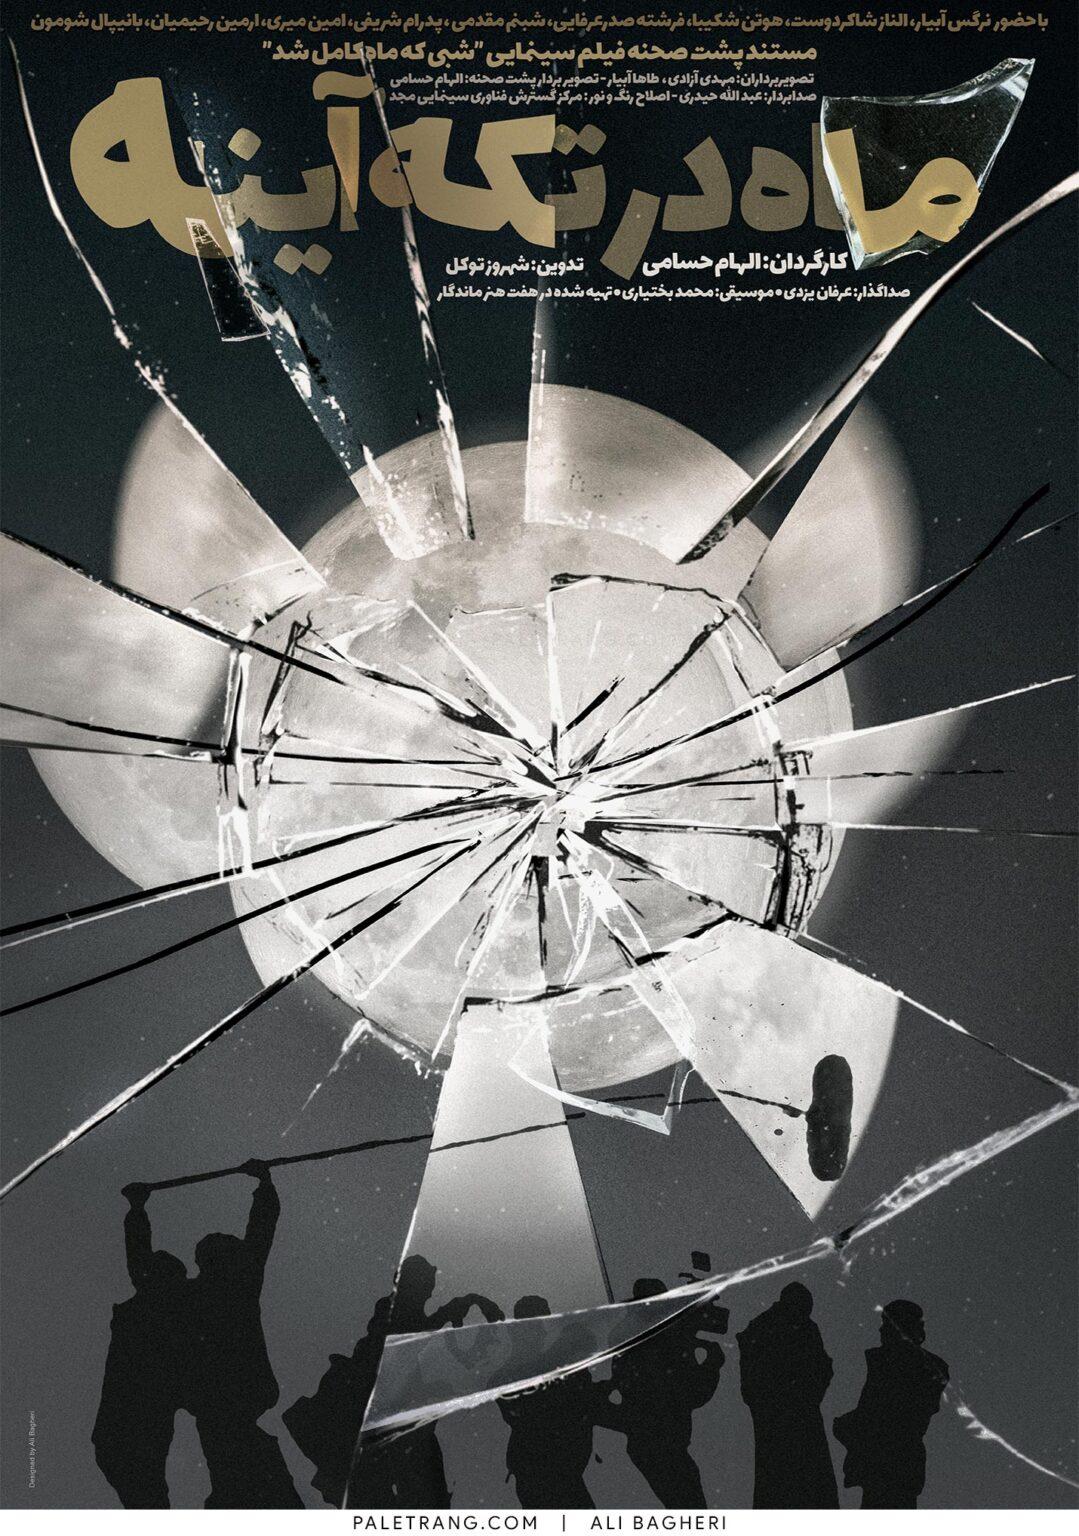 پوستر مستند ماه در تکه آینه اثر طراح پوستر علی باقری